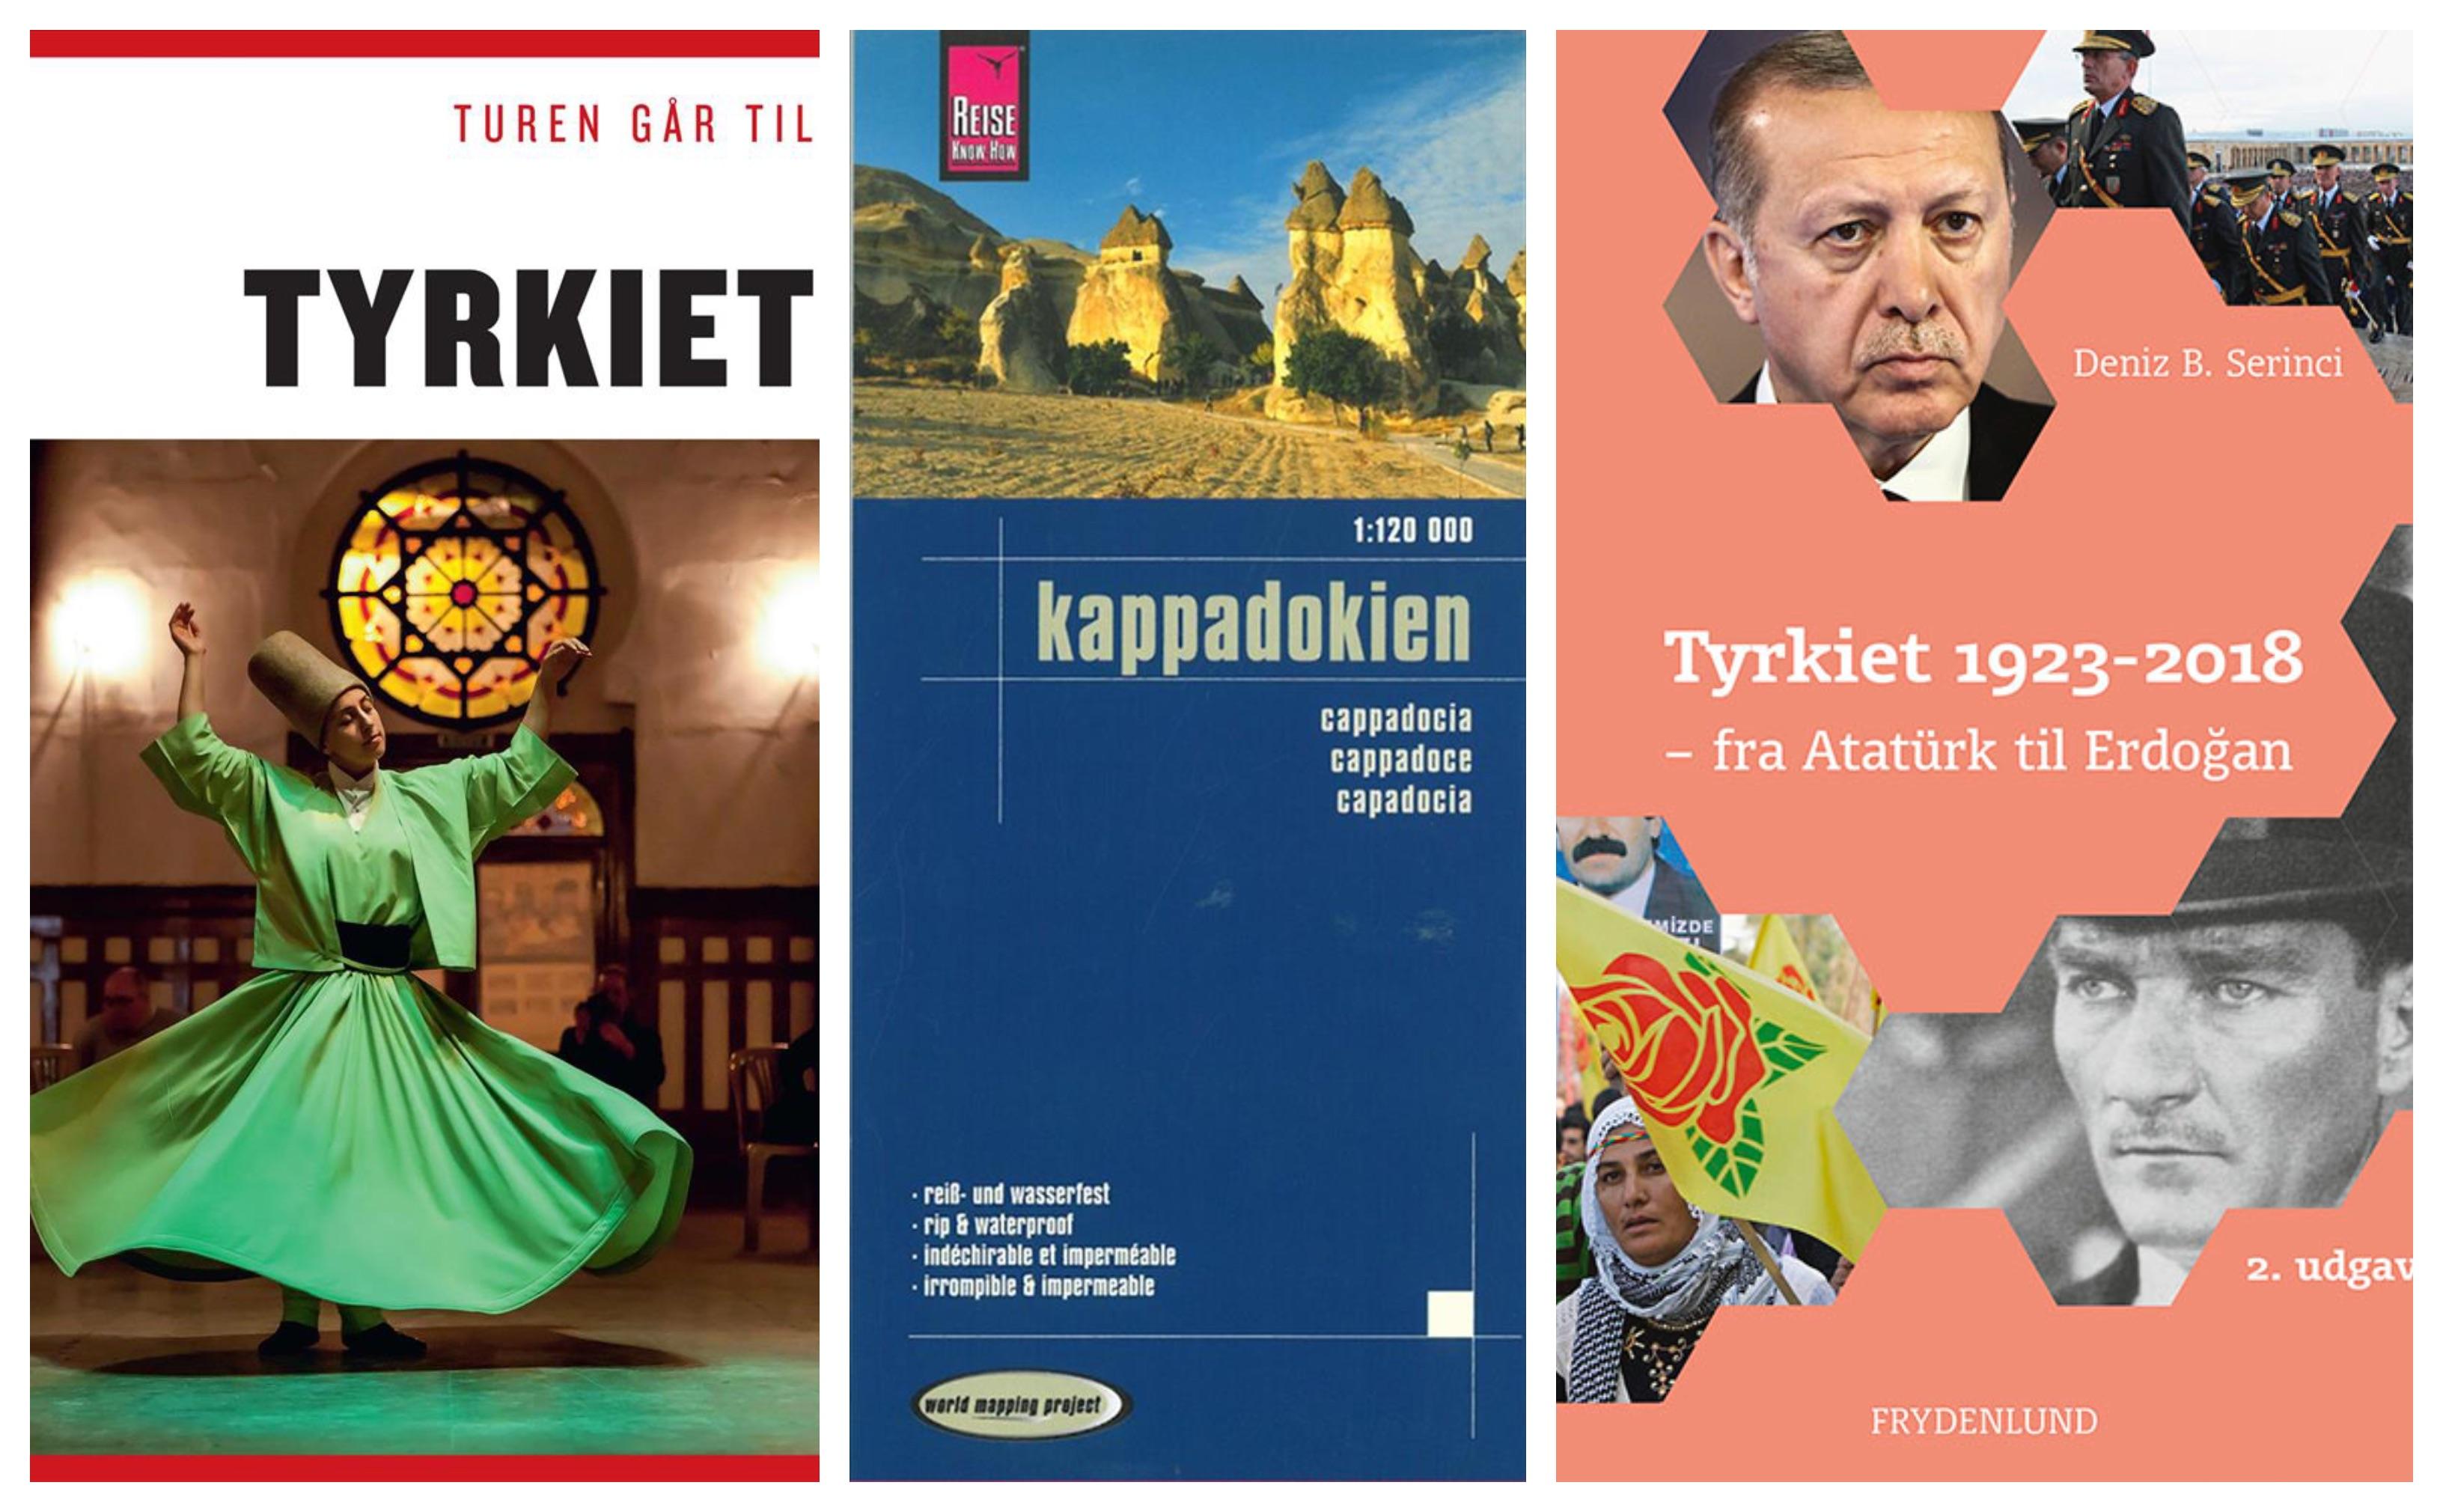 danske bøger om tyrkiet, danske bøger om kappadokien, kappadokien information, fakta om kappadokien, kappadokien, cappadocia, rejs til kappadokien, kappadokien rejsebøger